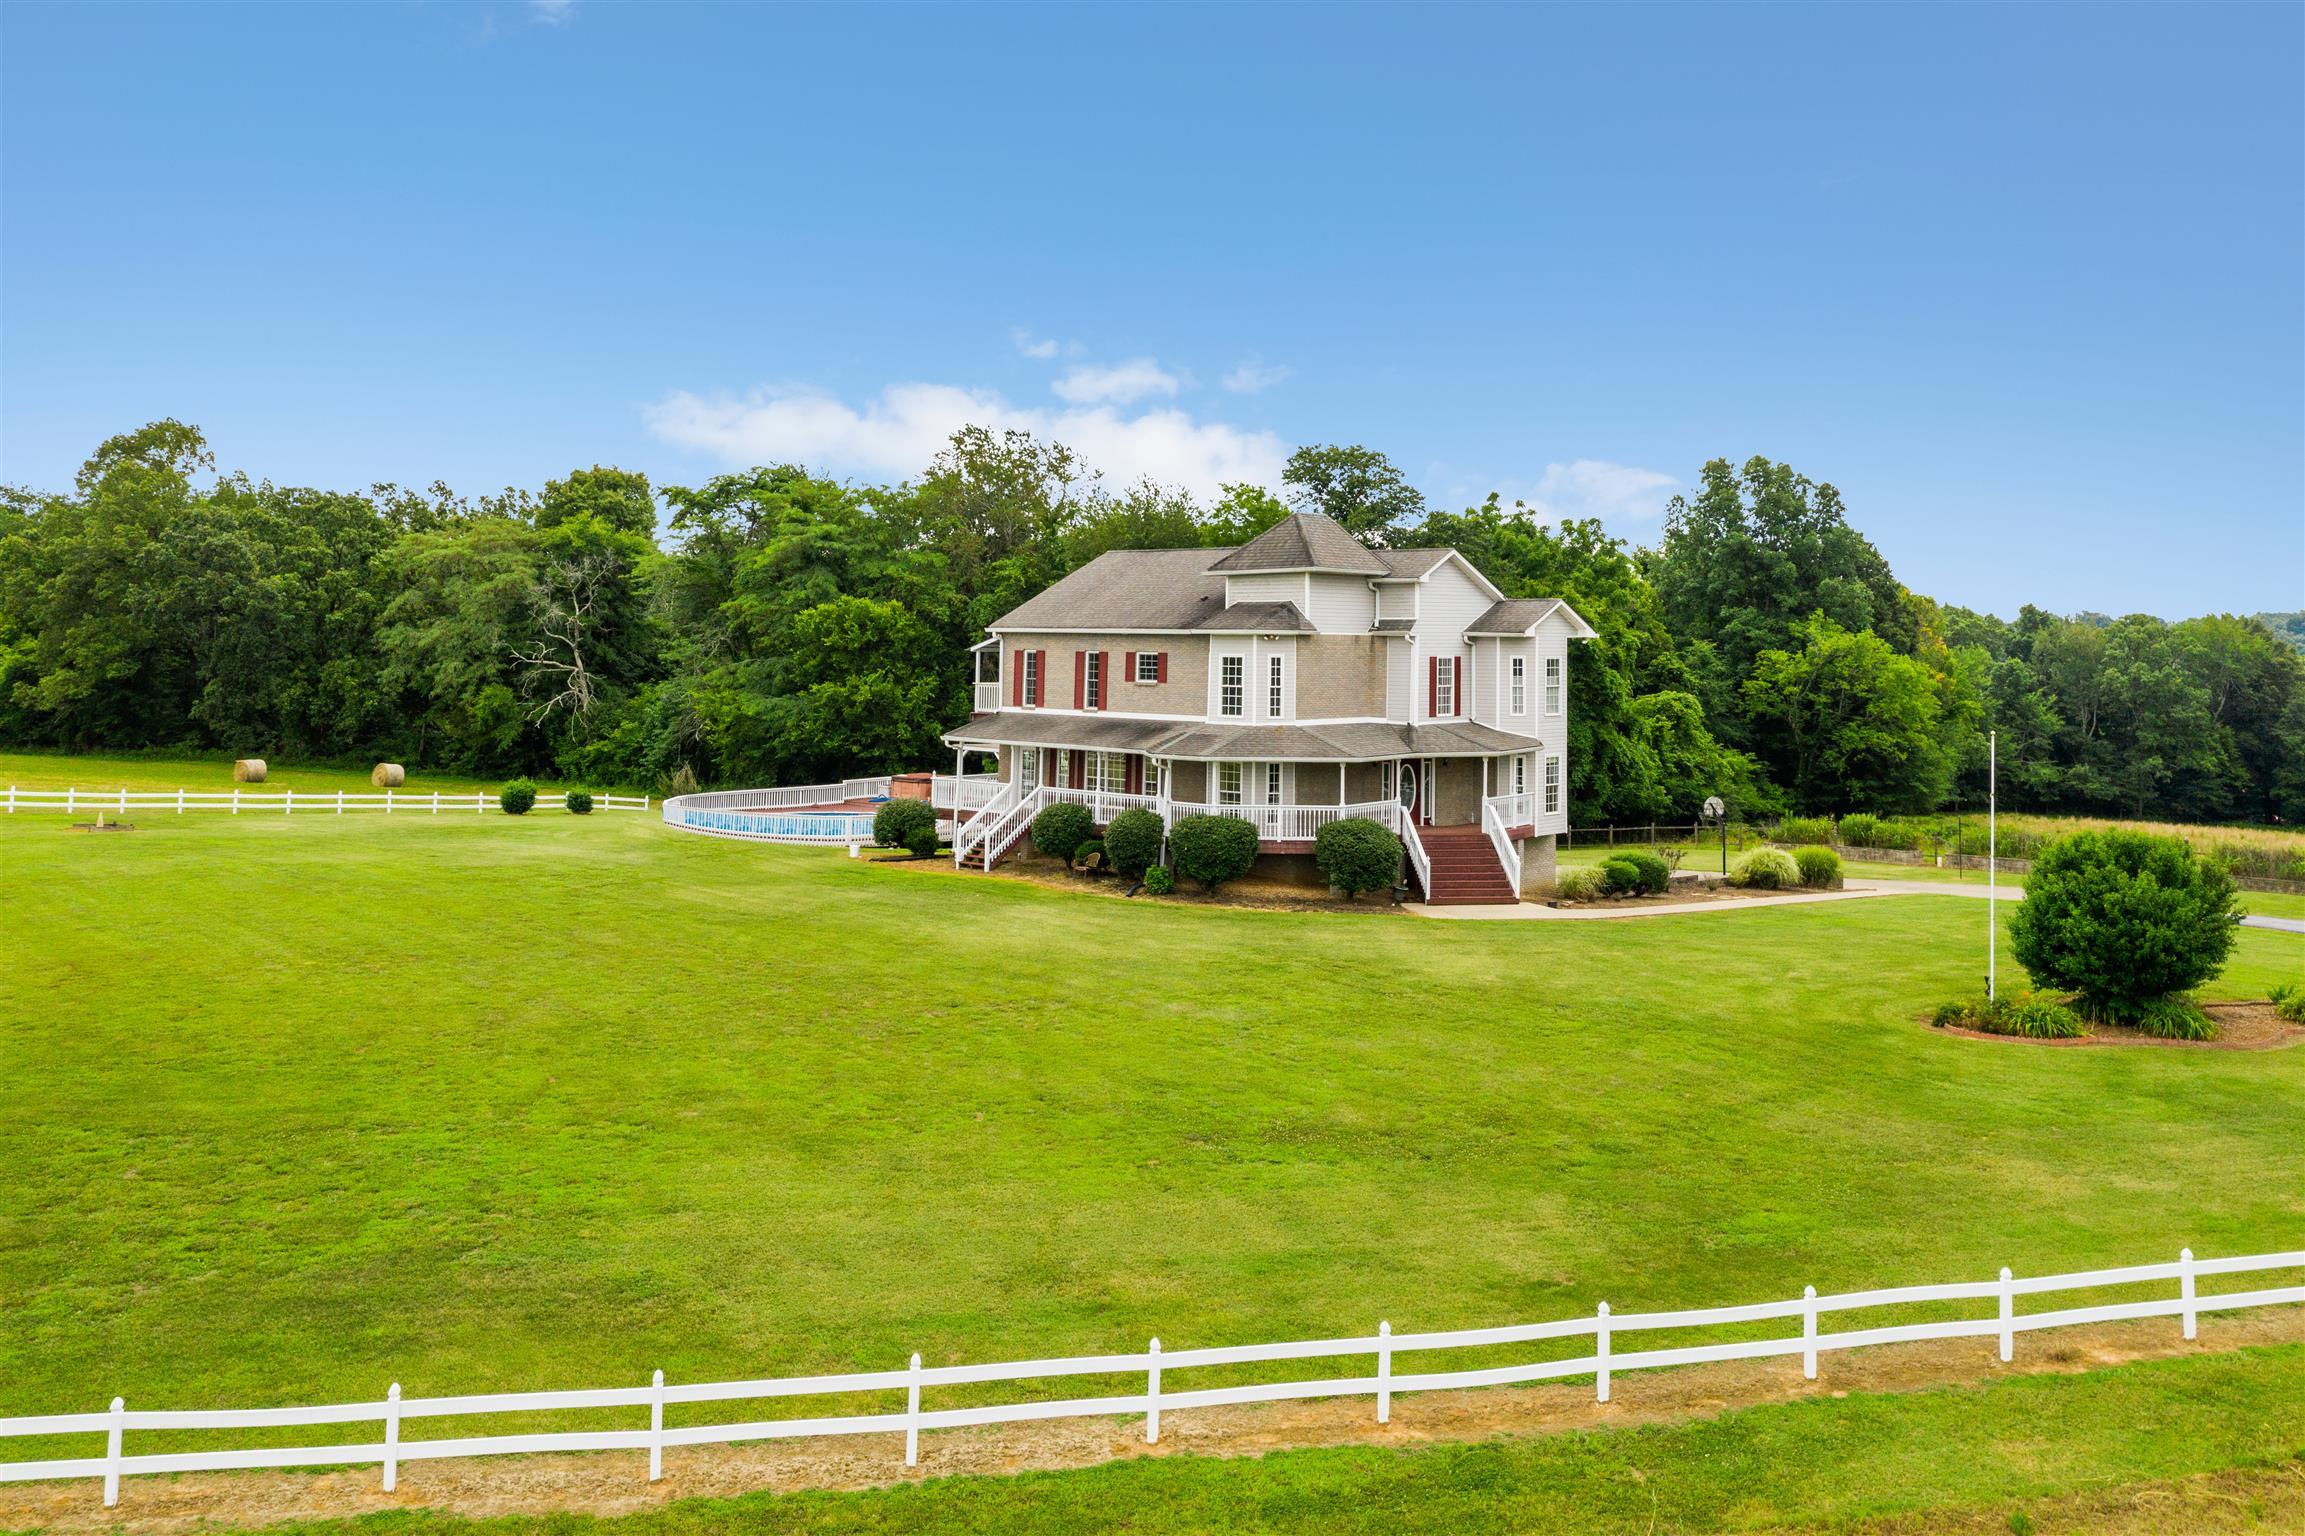 2530 Toler Ct, Woodlawn, TN 37191 - Woodlawn, TN real estate listing